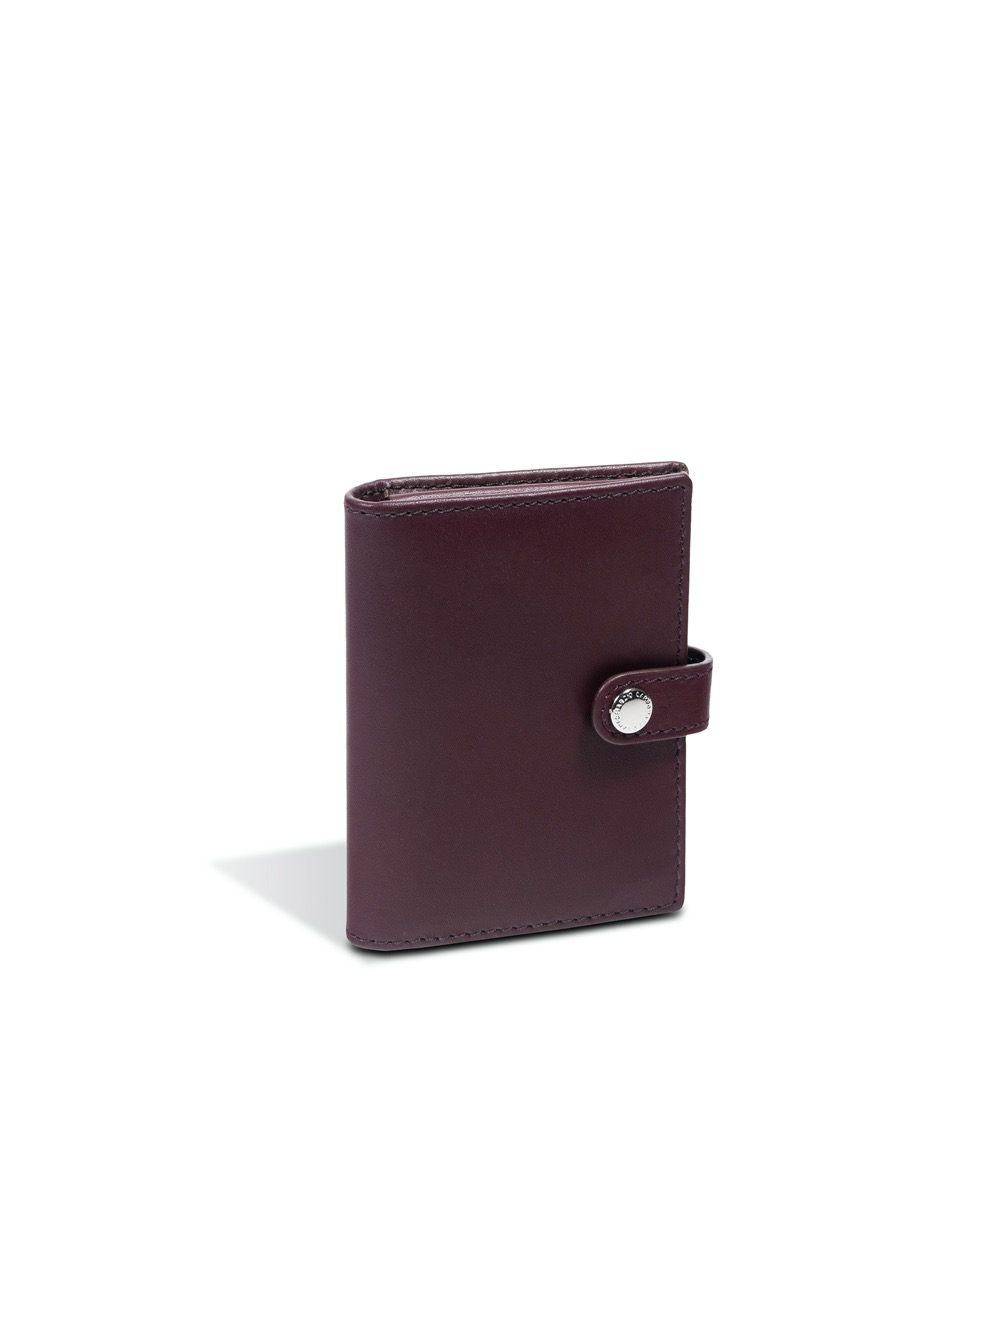 Romy Business Card Holder - Ruby Wine